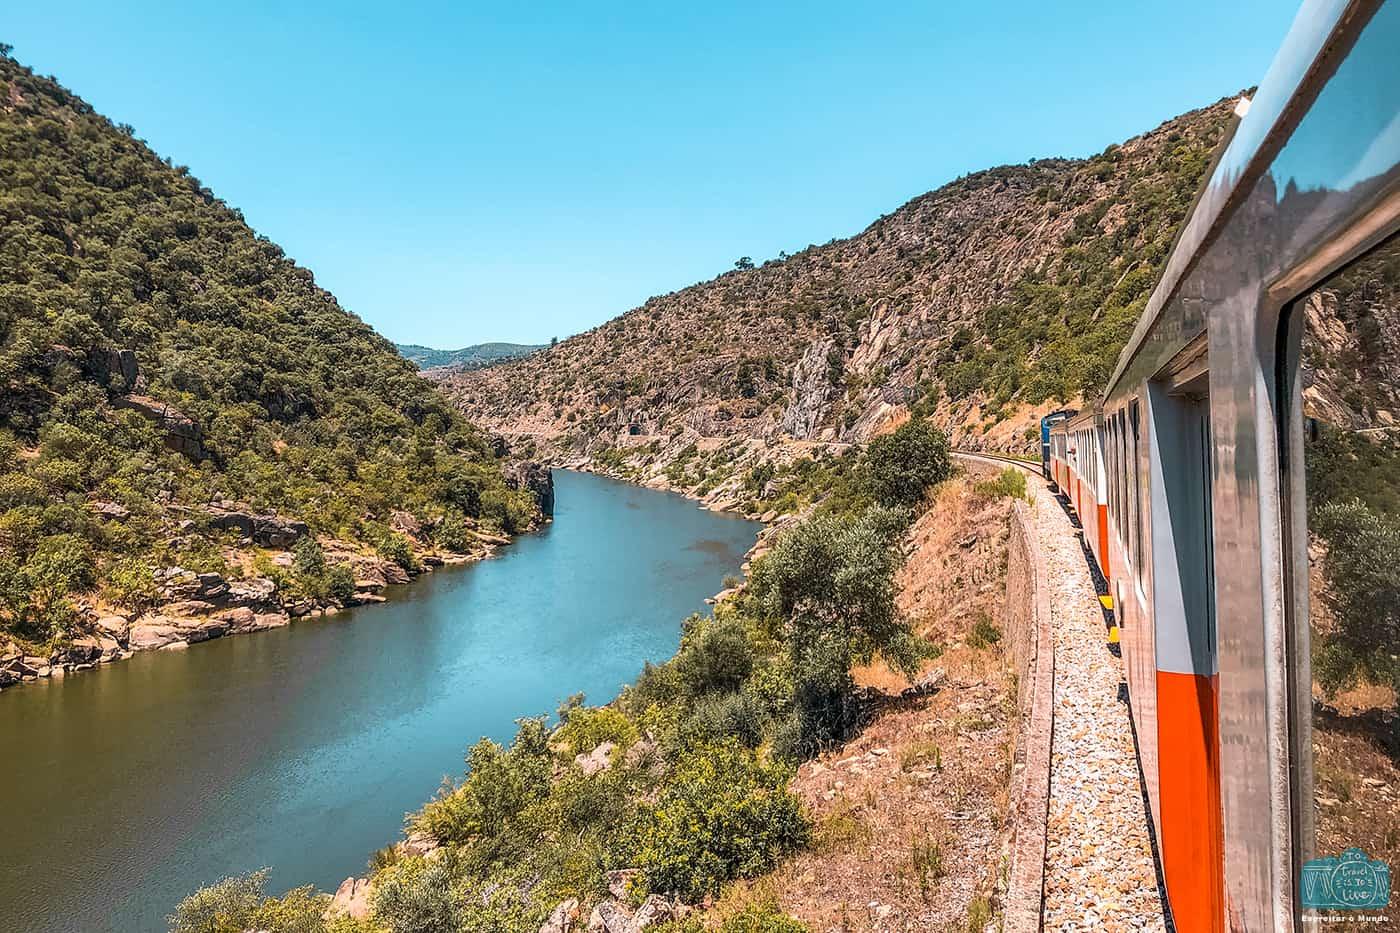 @espreitaromundo's cover photo for 'Linha do Douro, uma inesquecível viagem de comboio'